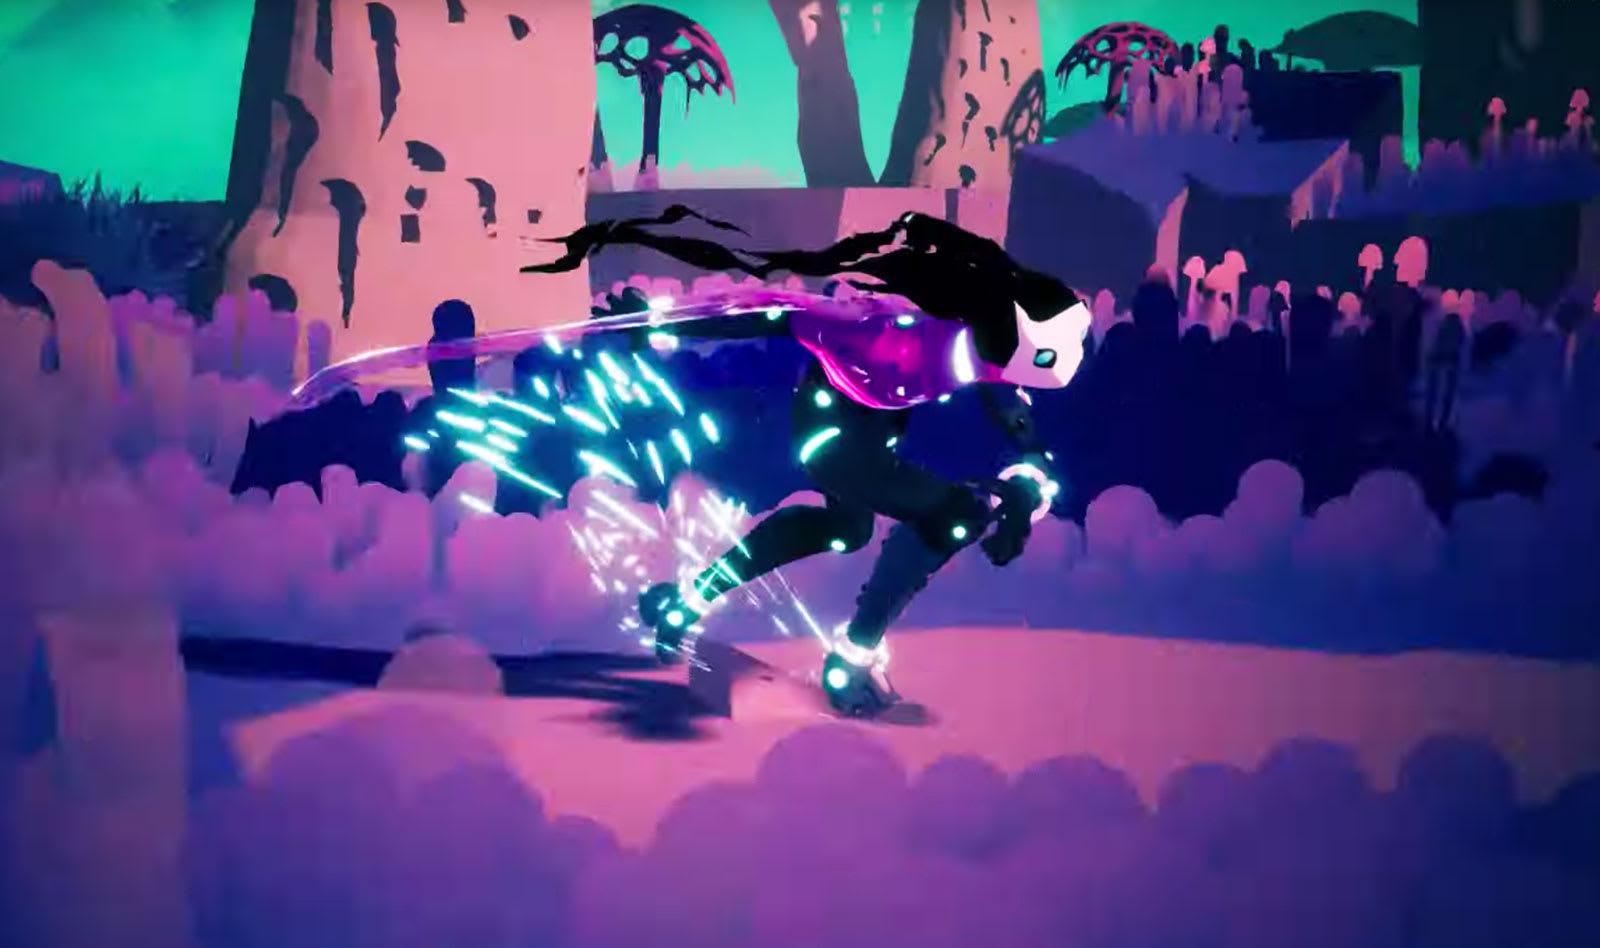 Hyper Light Drifter Devs Next Game Goes Rollerblading Across Clouds